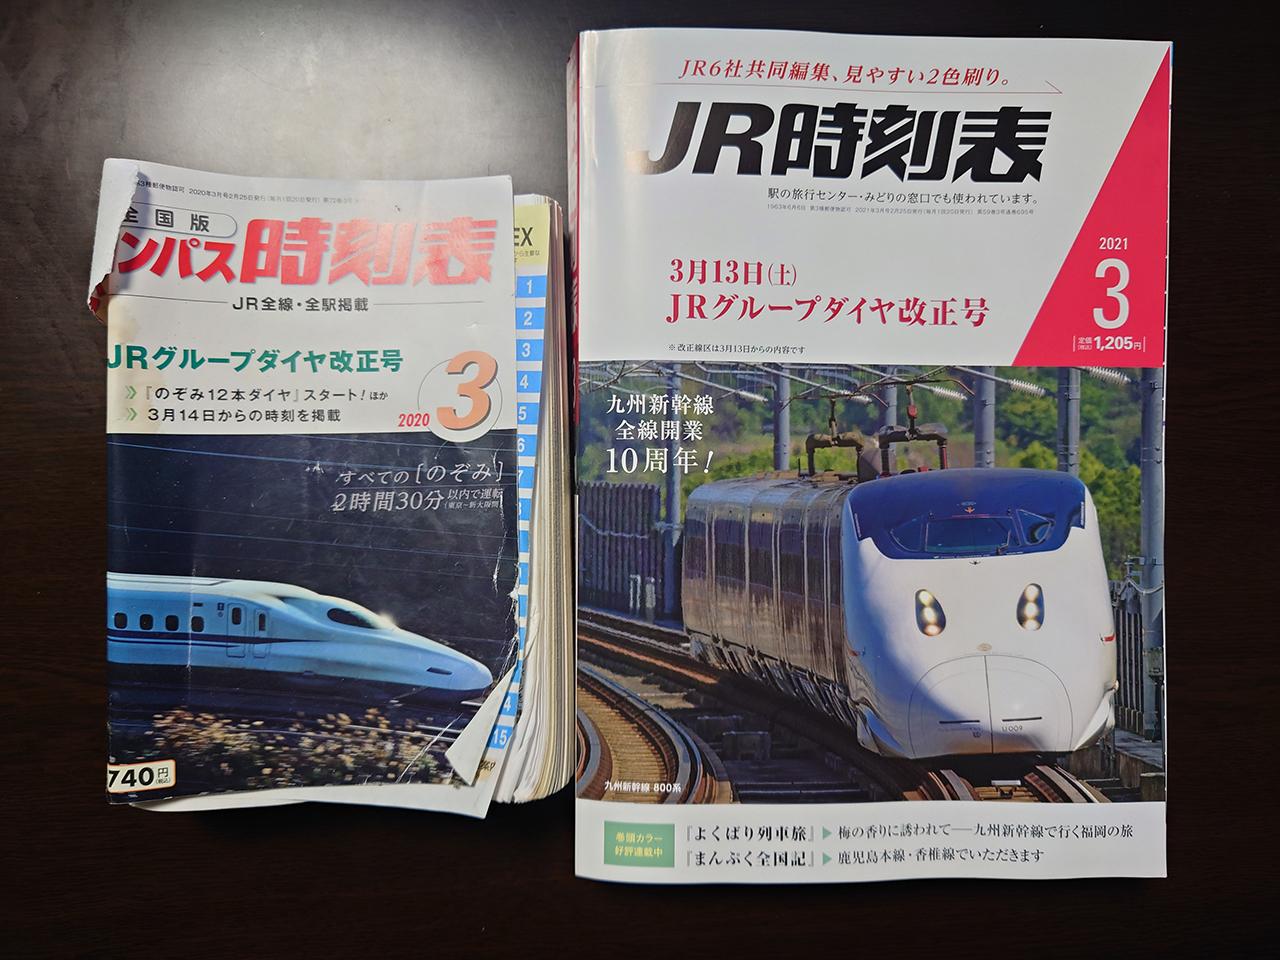 時刻表から読み解く愛媛県のJRダイヤ改正のポイント【2021】